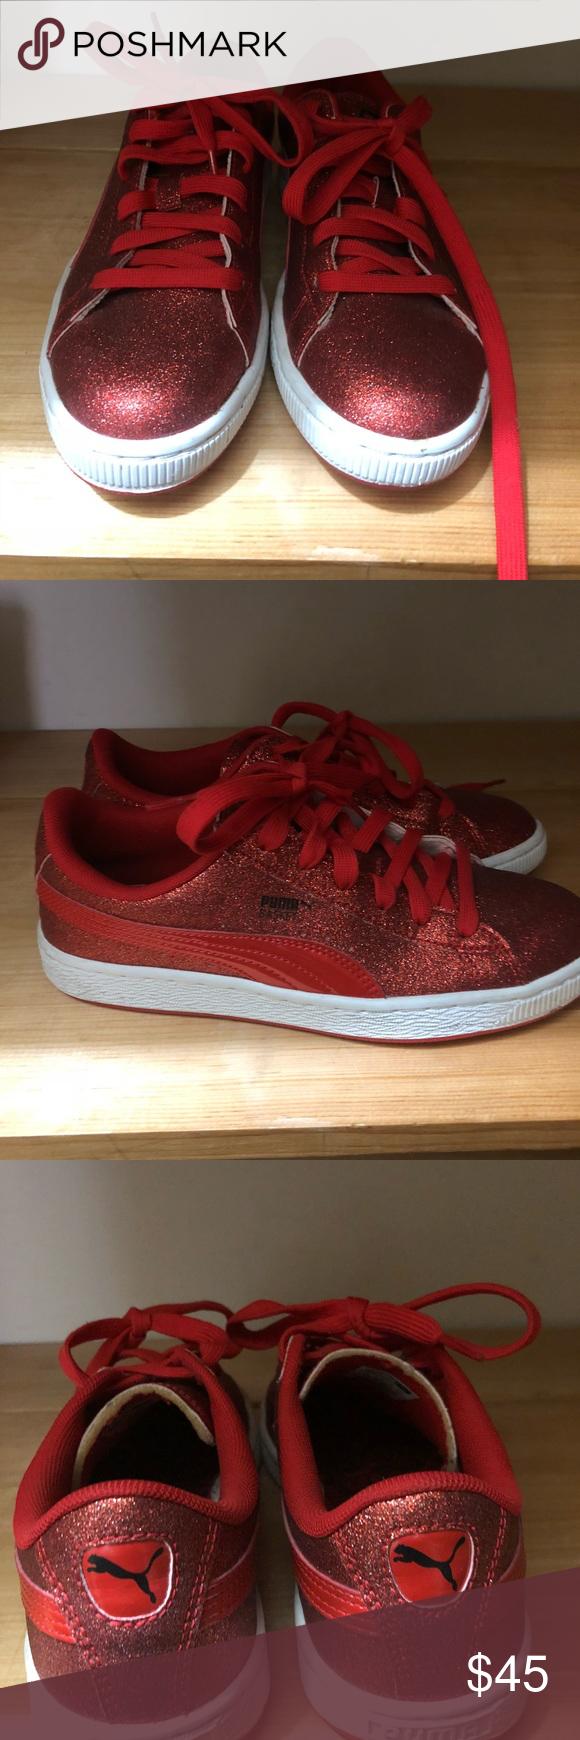 Puma Sneakers Red glitter puma Puma